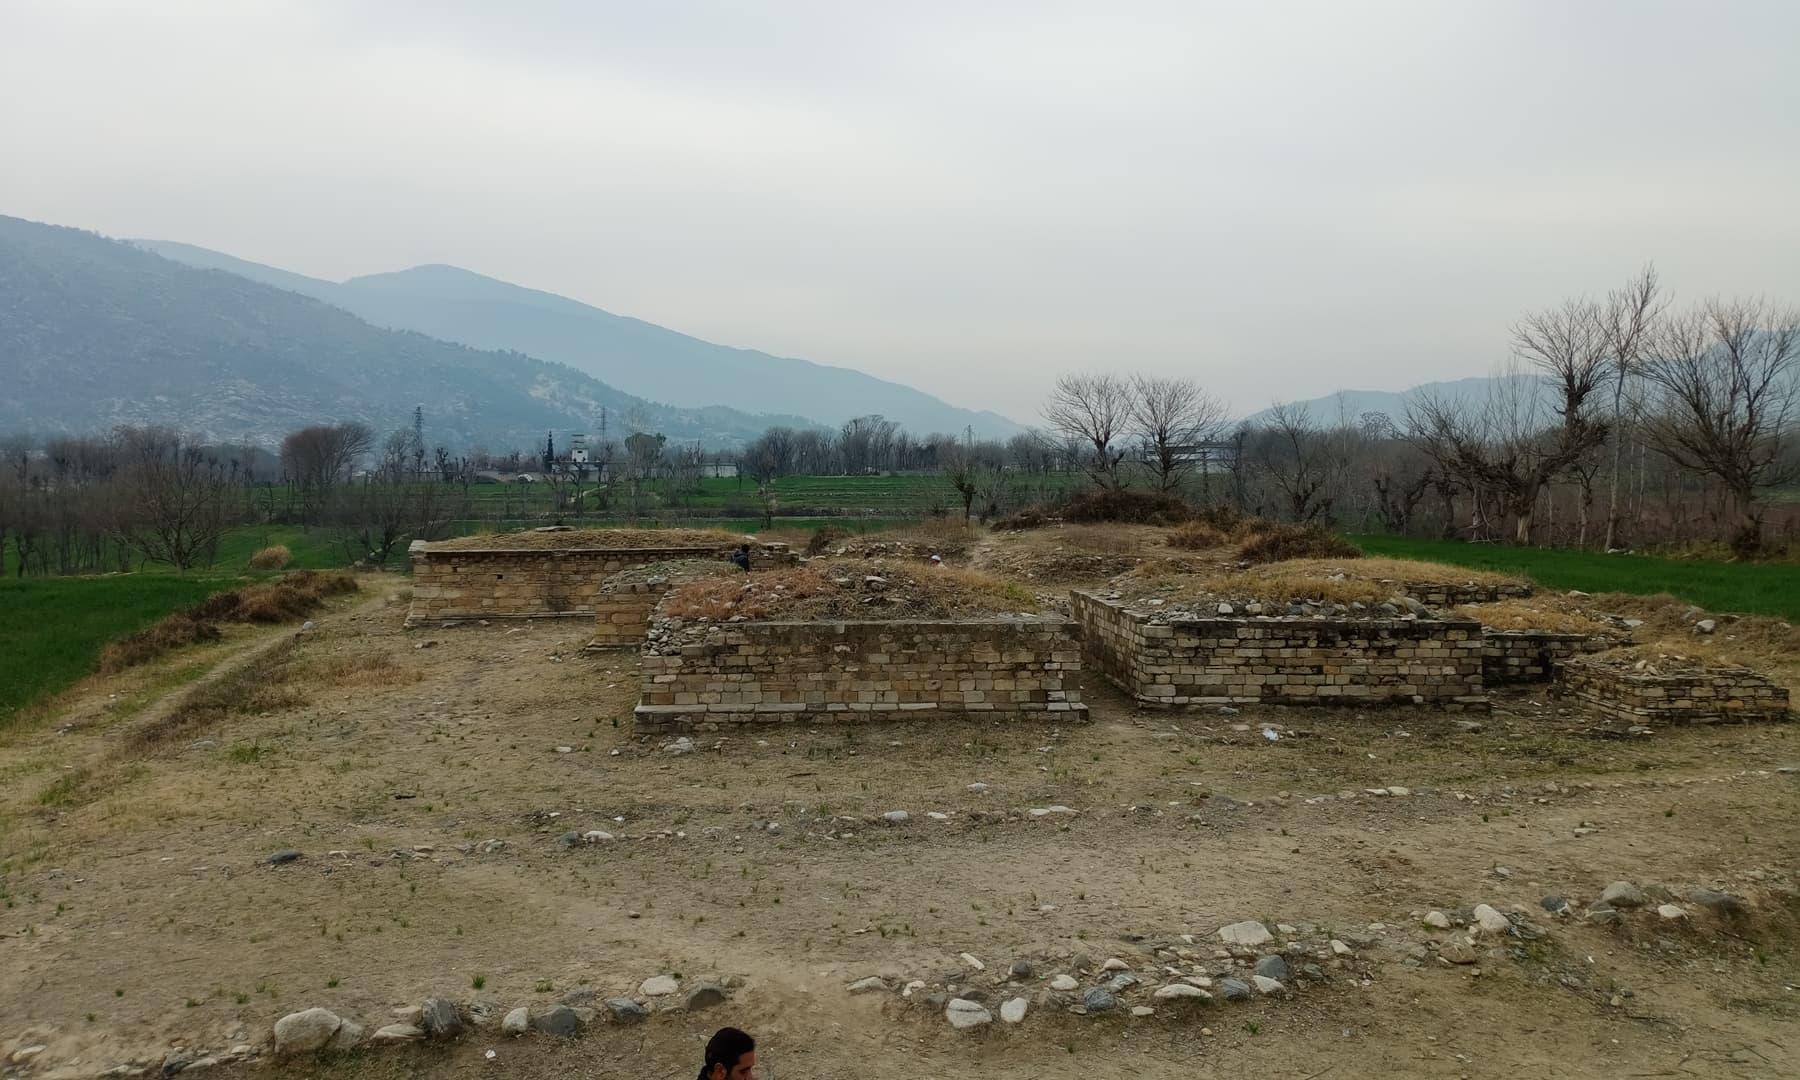 اندان ڈھیری کے آثارِ قدیمہ